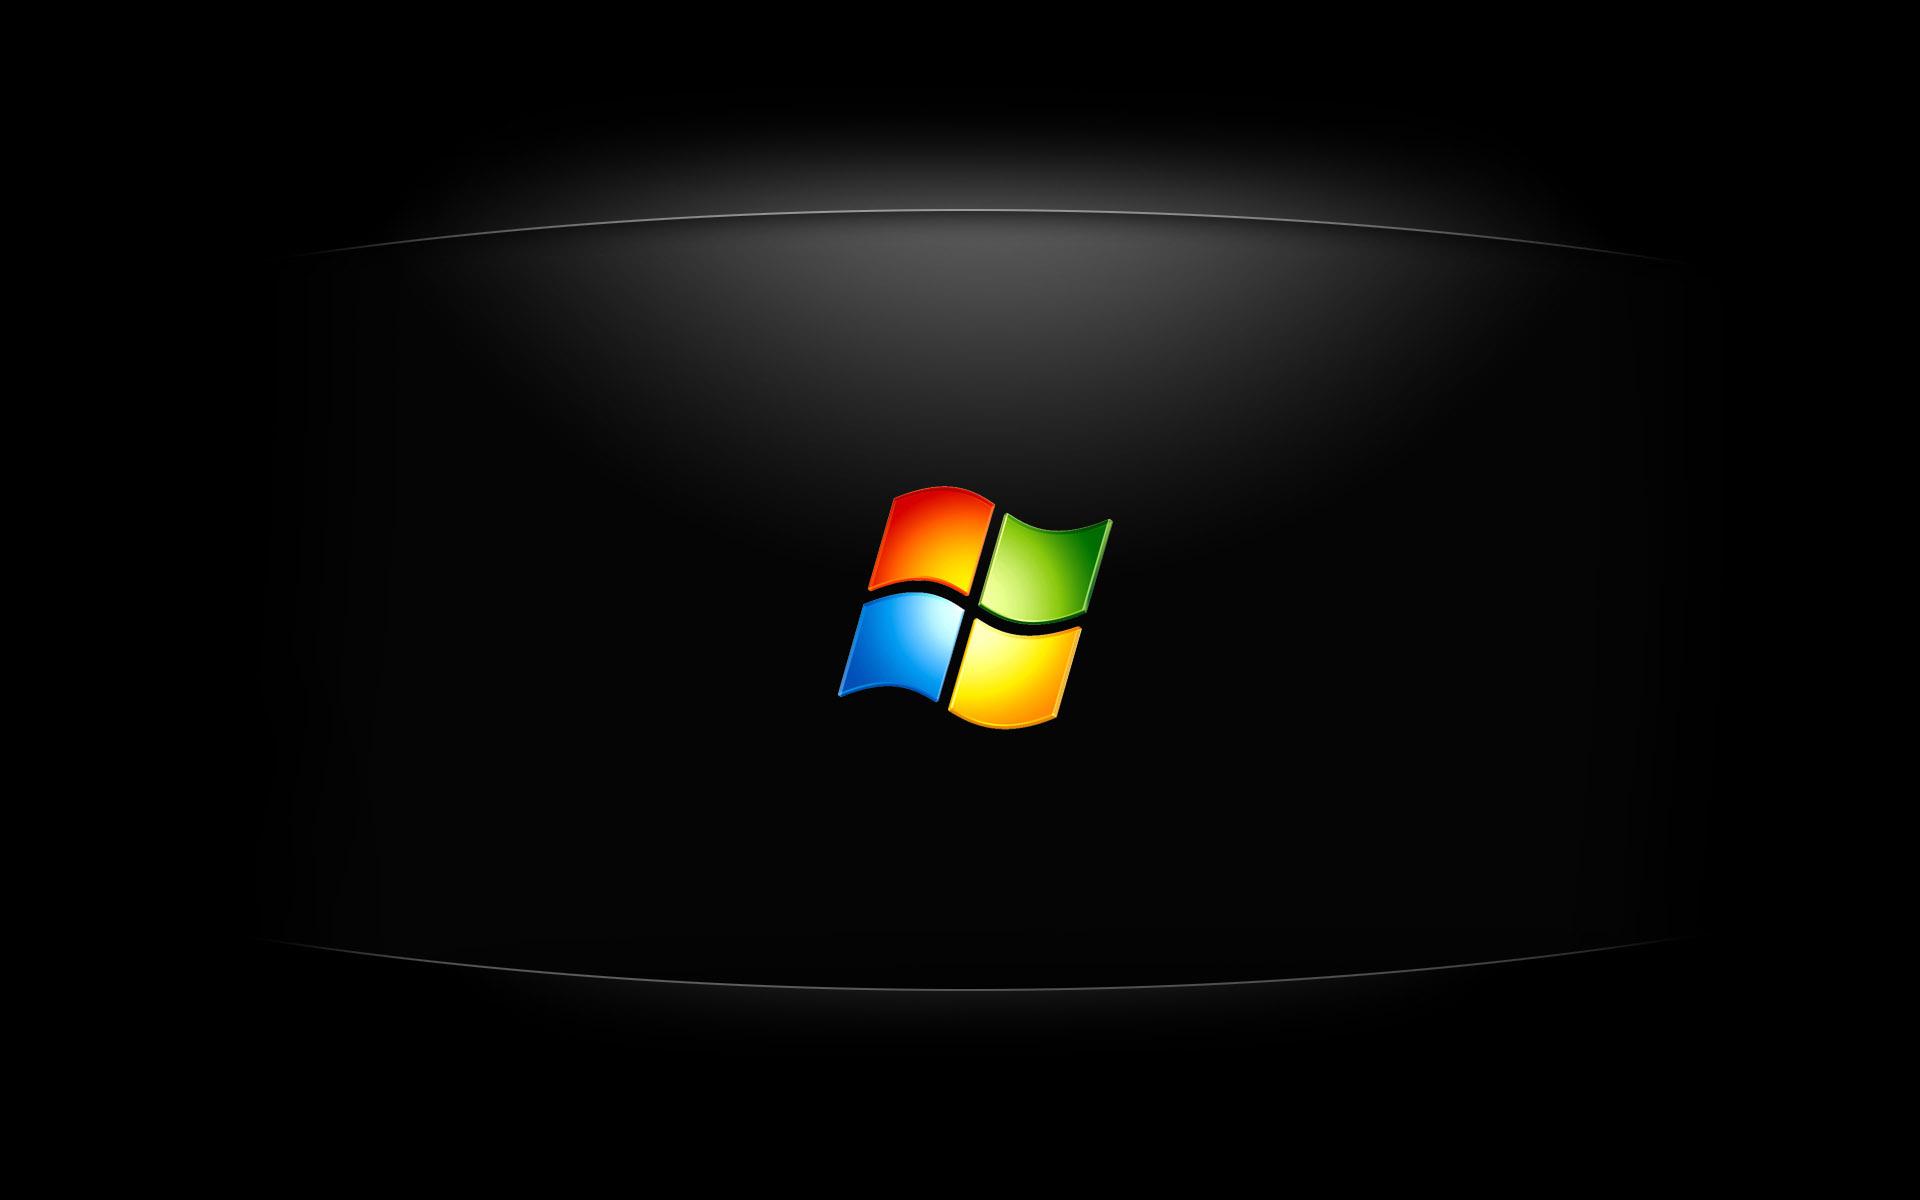 Cool Desktop BackgroundsDesktop Wallpapers collectionLaptop 1920x1200